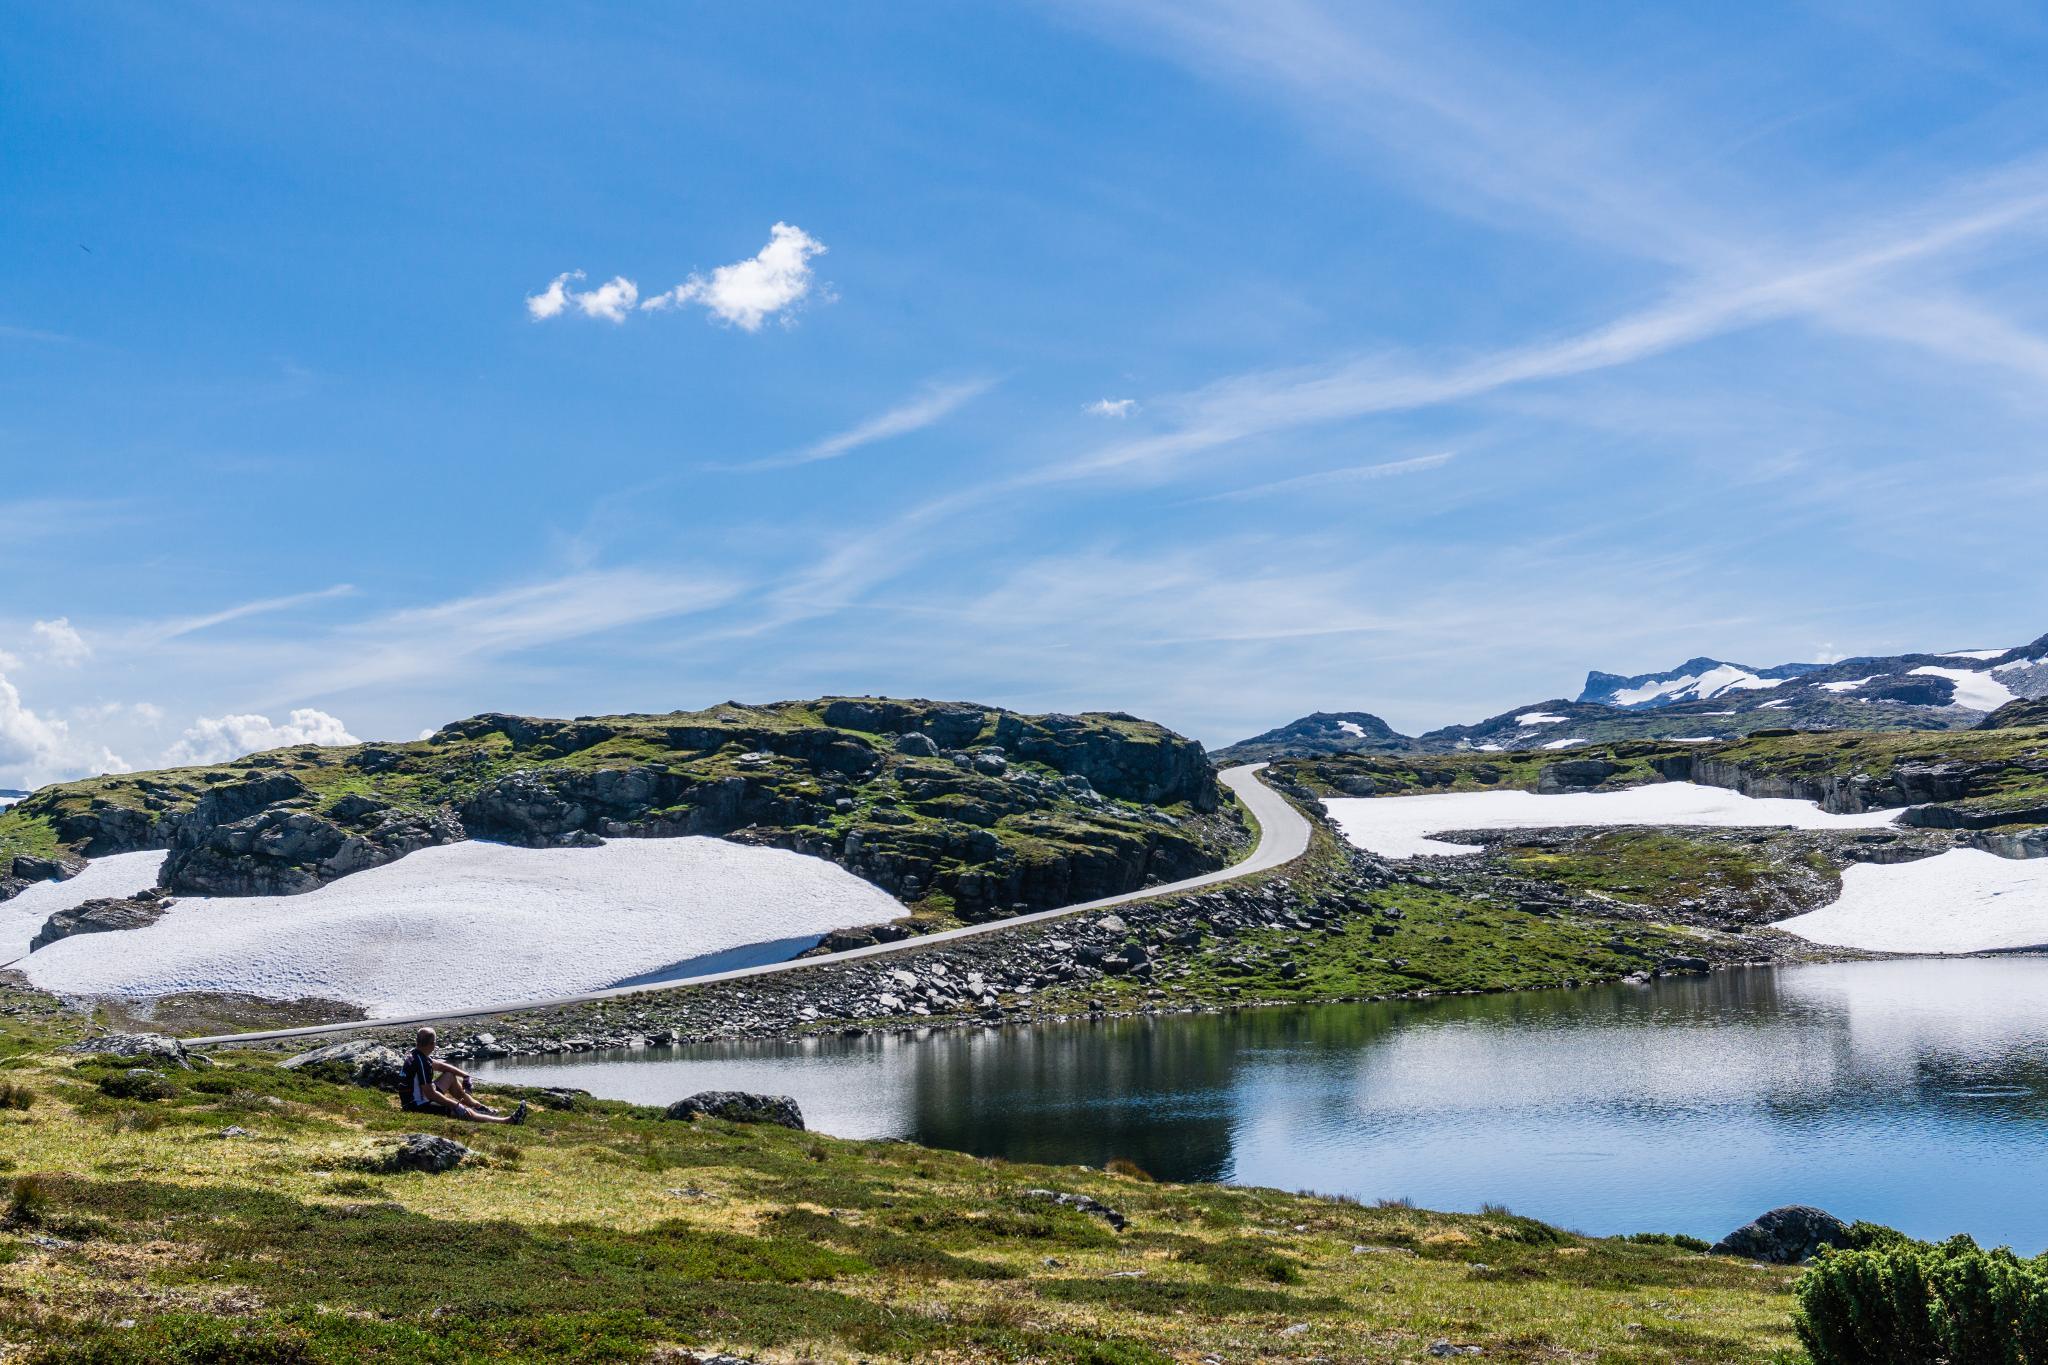 【北歐景點】Lærdalsøyri 世遺松恩峽灣萊達爾小鎮的仲夏風景 27